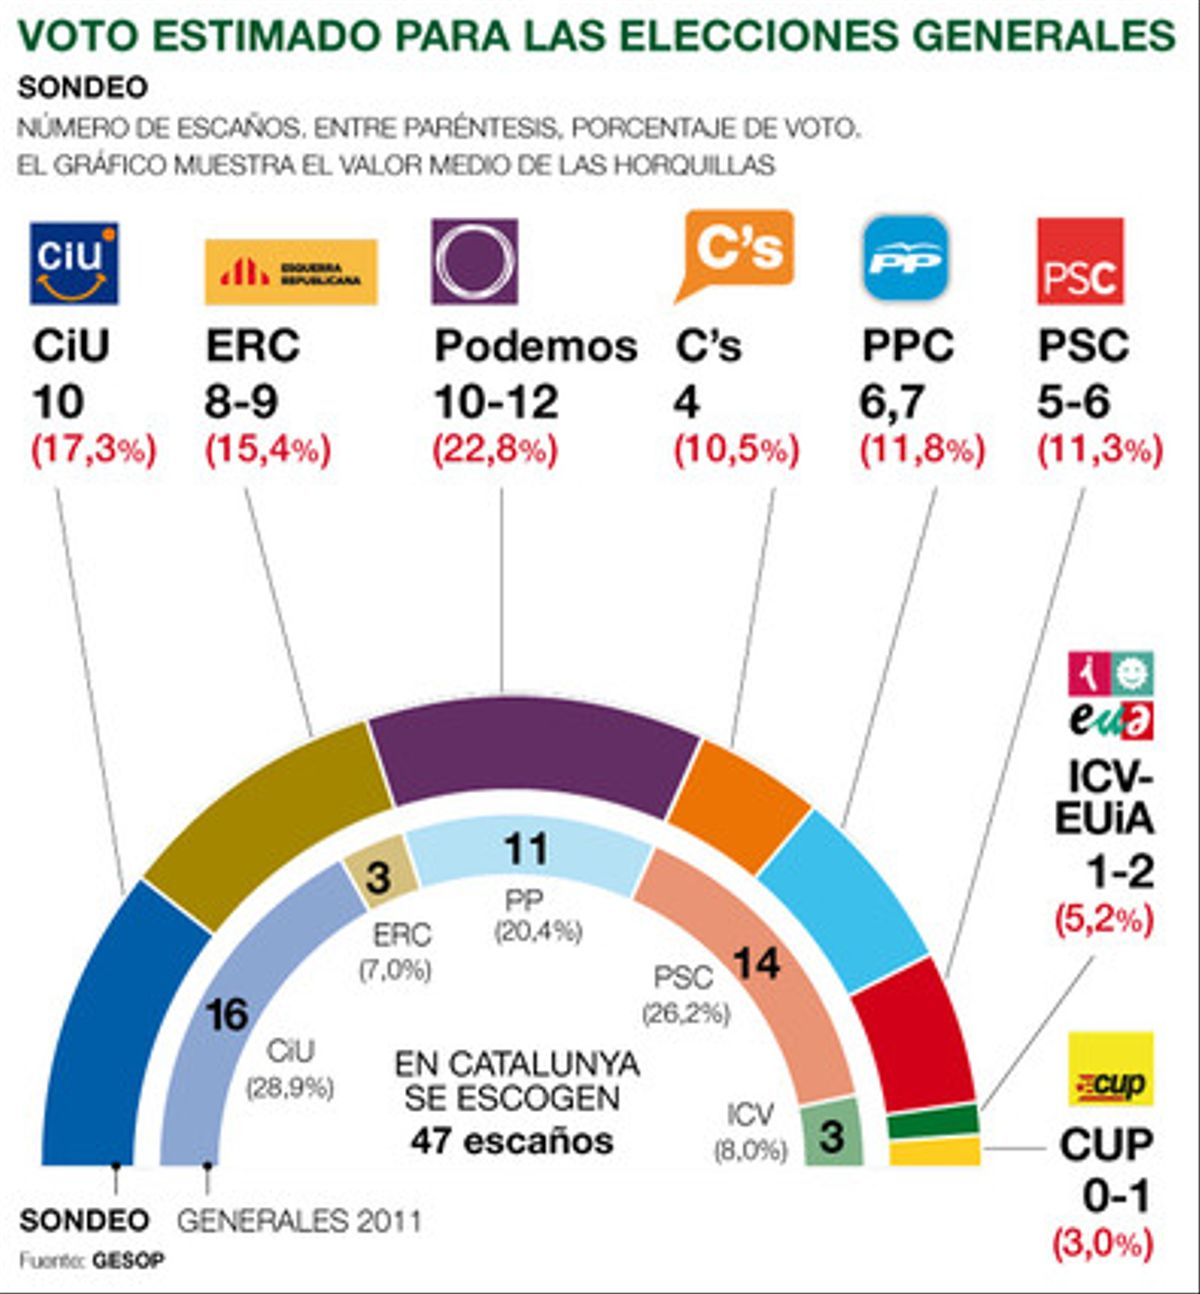 Podemos, primera fuerza en las generales en Catalunya